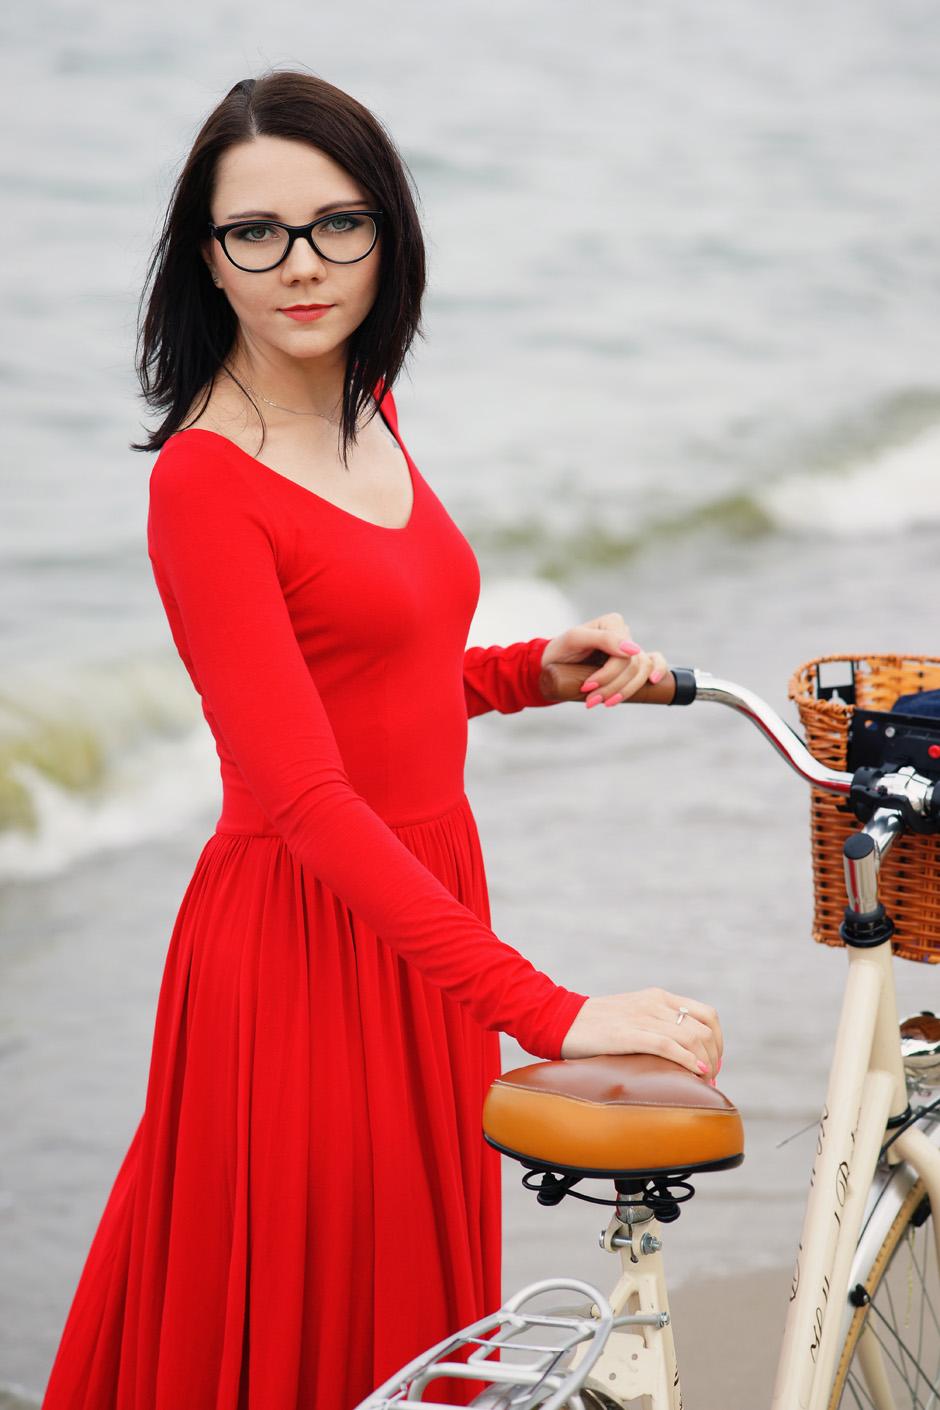 sukienka czerwona risk made in warsaw gotowa na wszystko, pudrowo różowe zaxy (12)